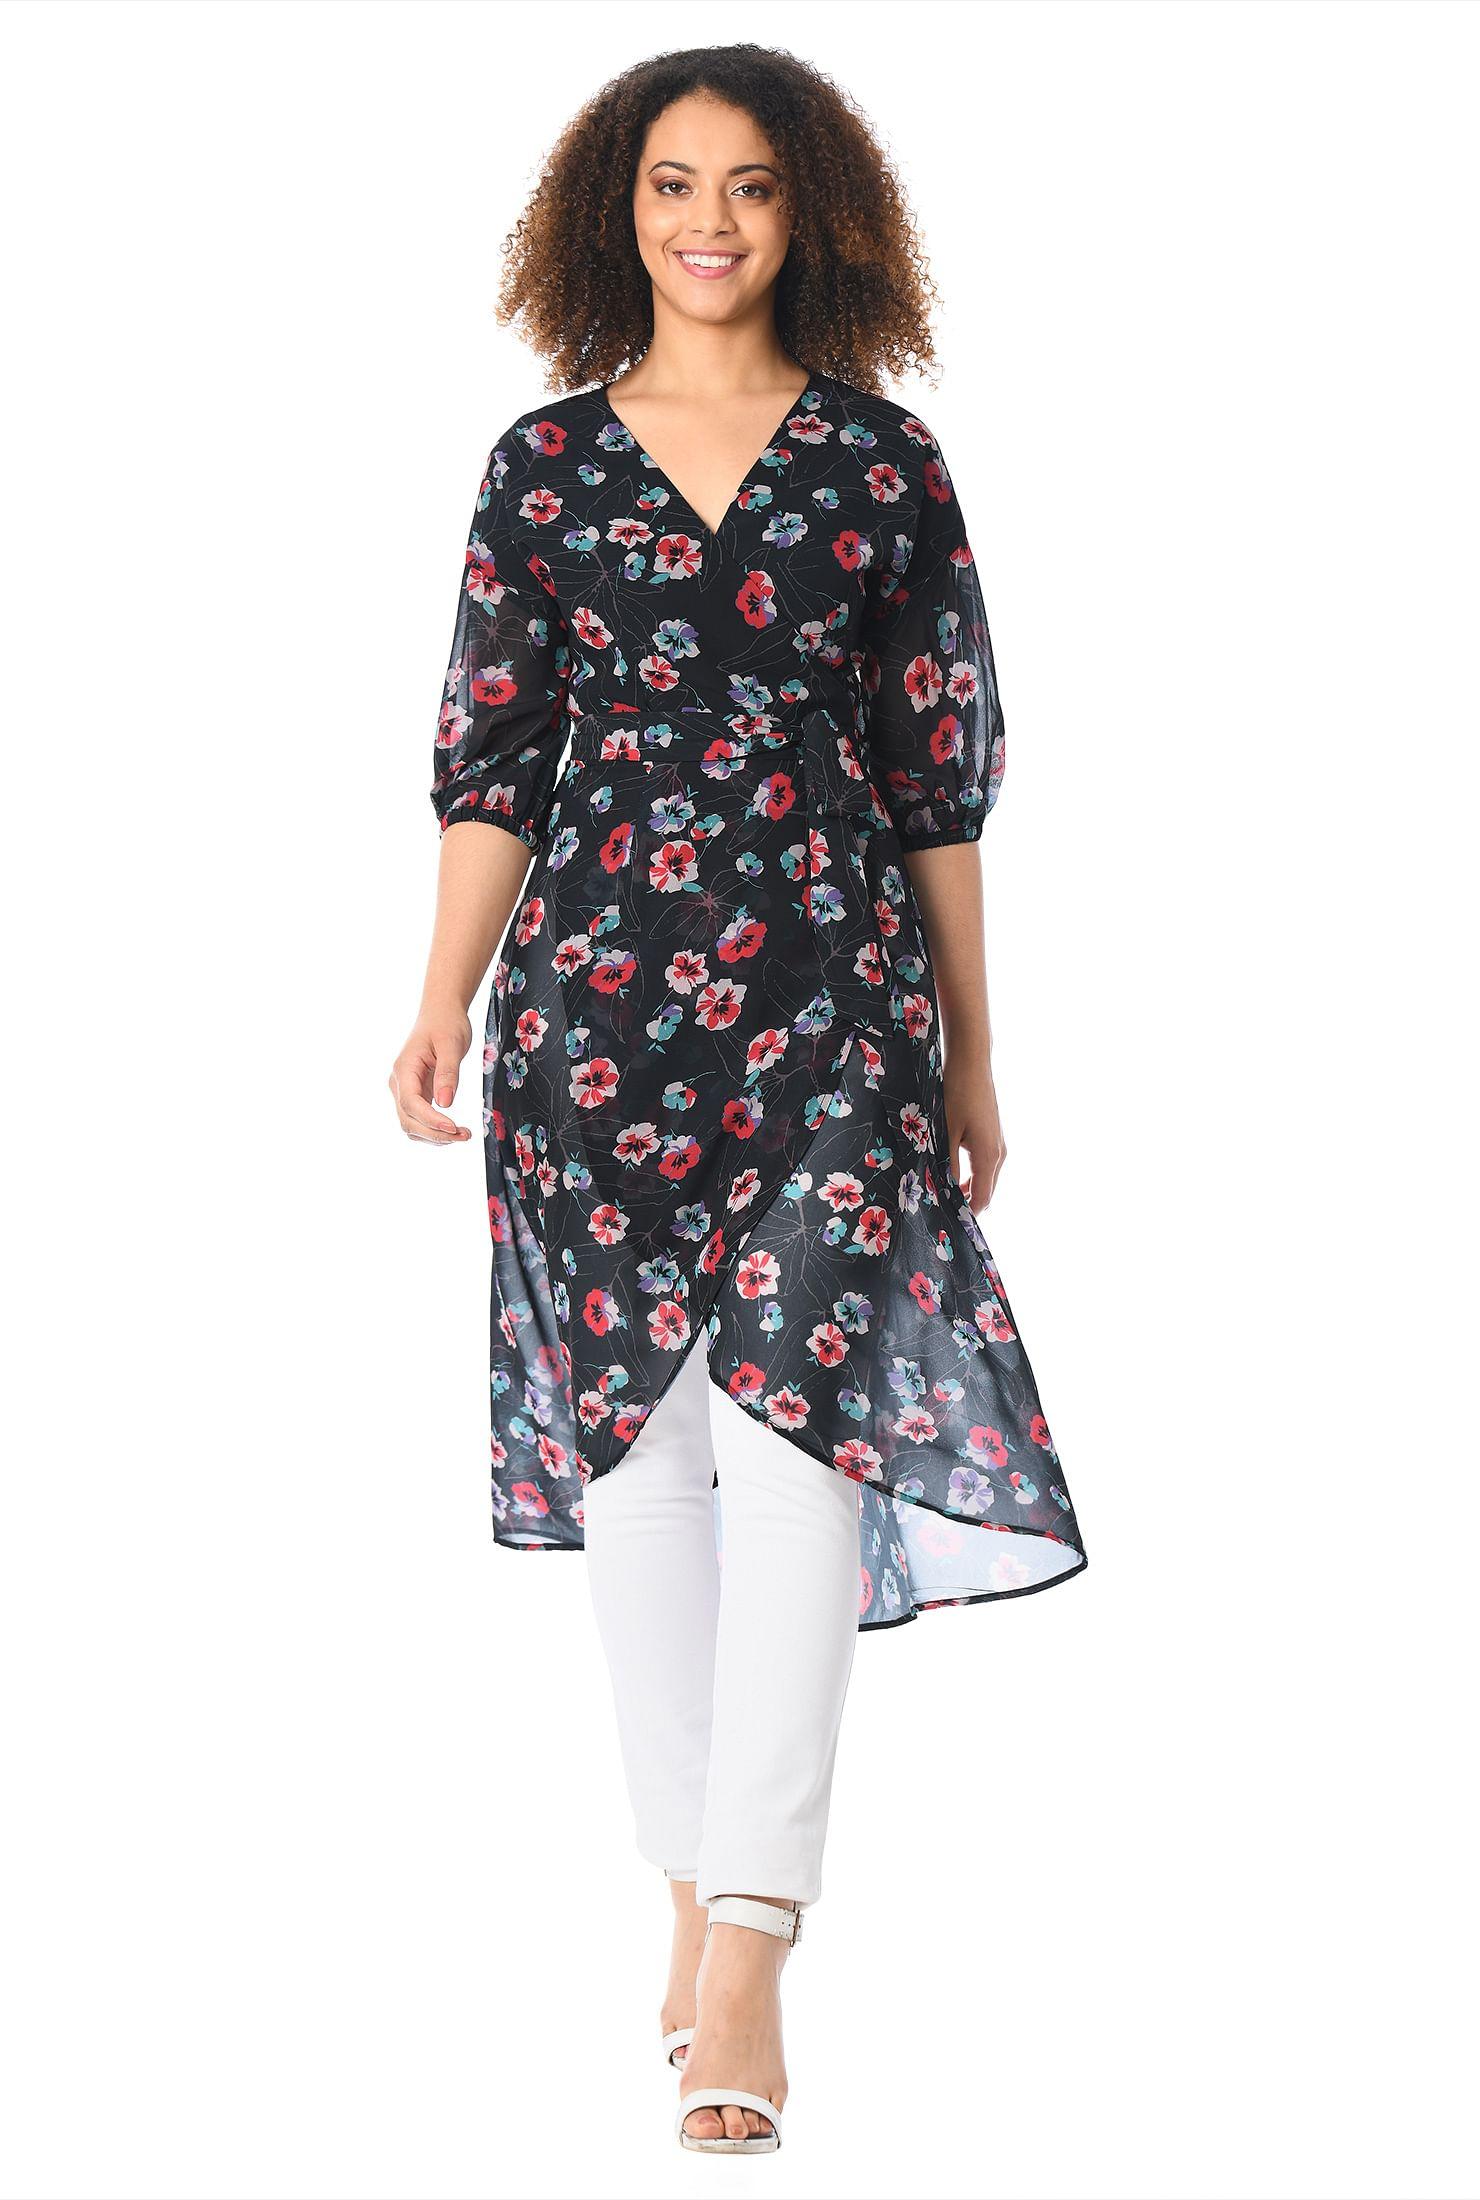 50812514 below the elbow length sleeve tops, black multi tops, Floral Print Tops,